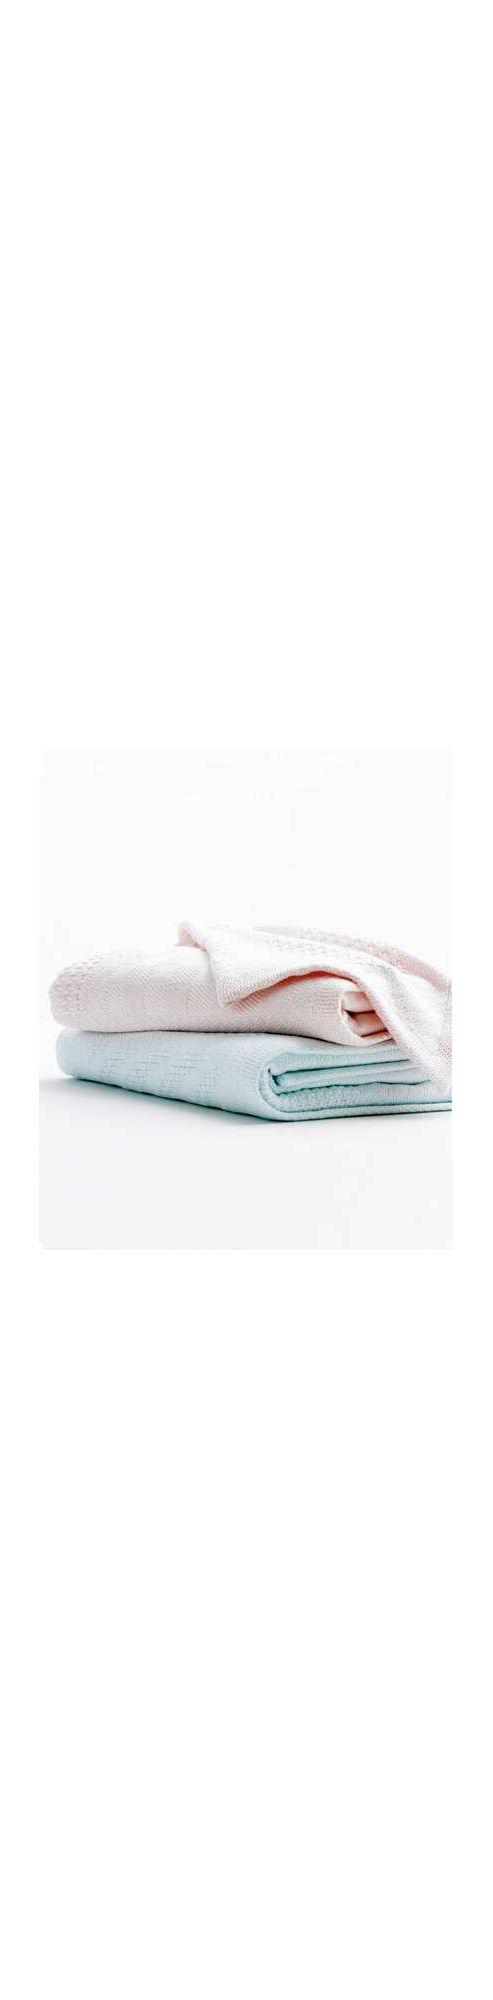 Mamas & Papas - Jacquard Blanket - To fit Pram/Moses Basket/Crib - Rose